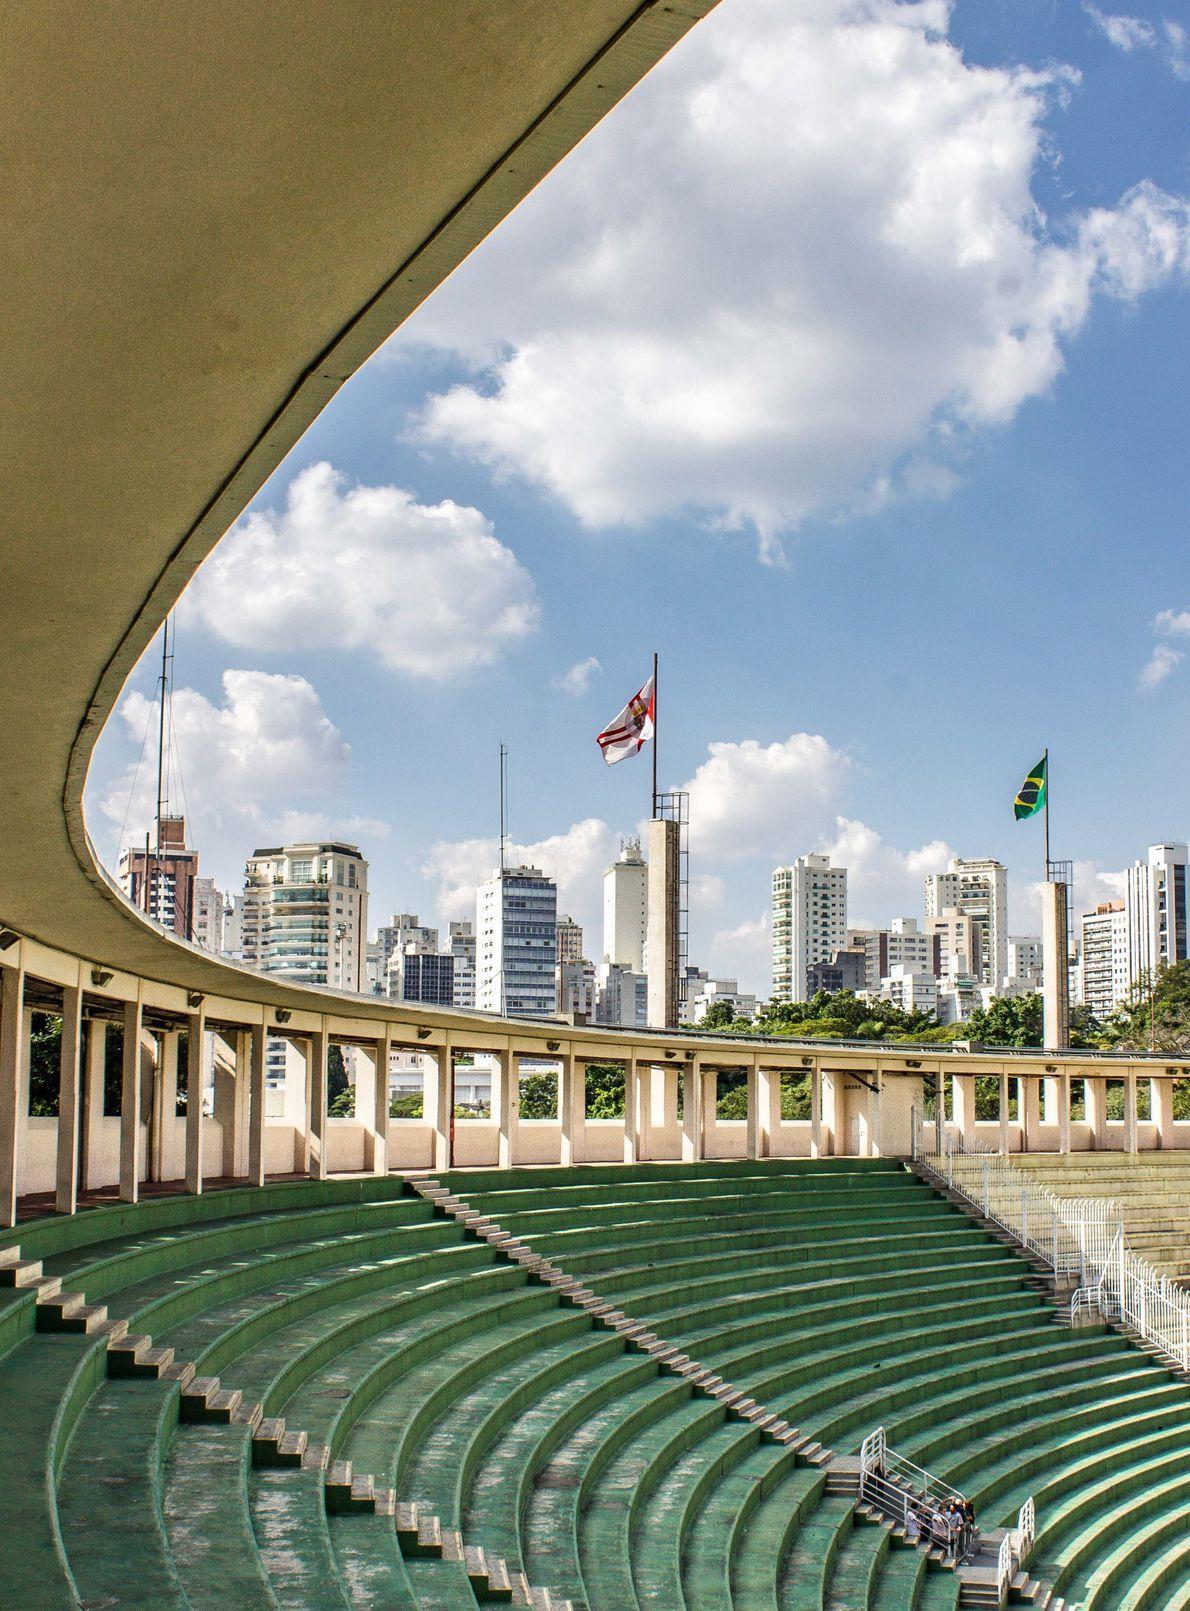 Estádio municipal Cícero Pompeu de Toledo, o Pacaembu, um símbolo de São Paulo (SP).